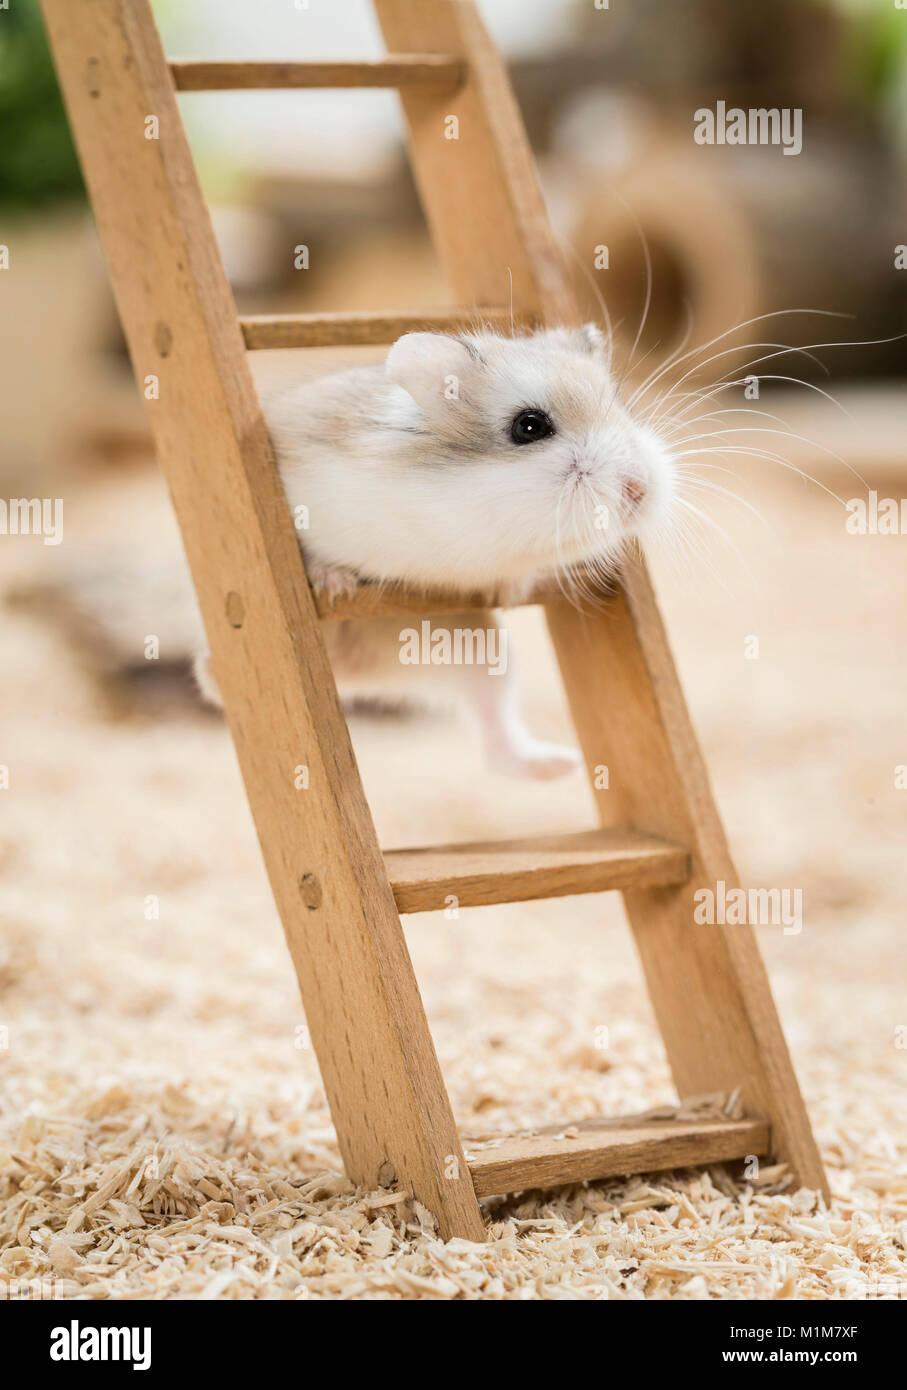 Hamster Roborovski (Phodopus roborovskii) grimper sur une échelle en bois. Restriction: pas de guides Photo Stock